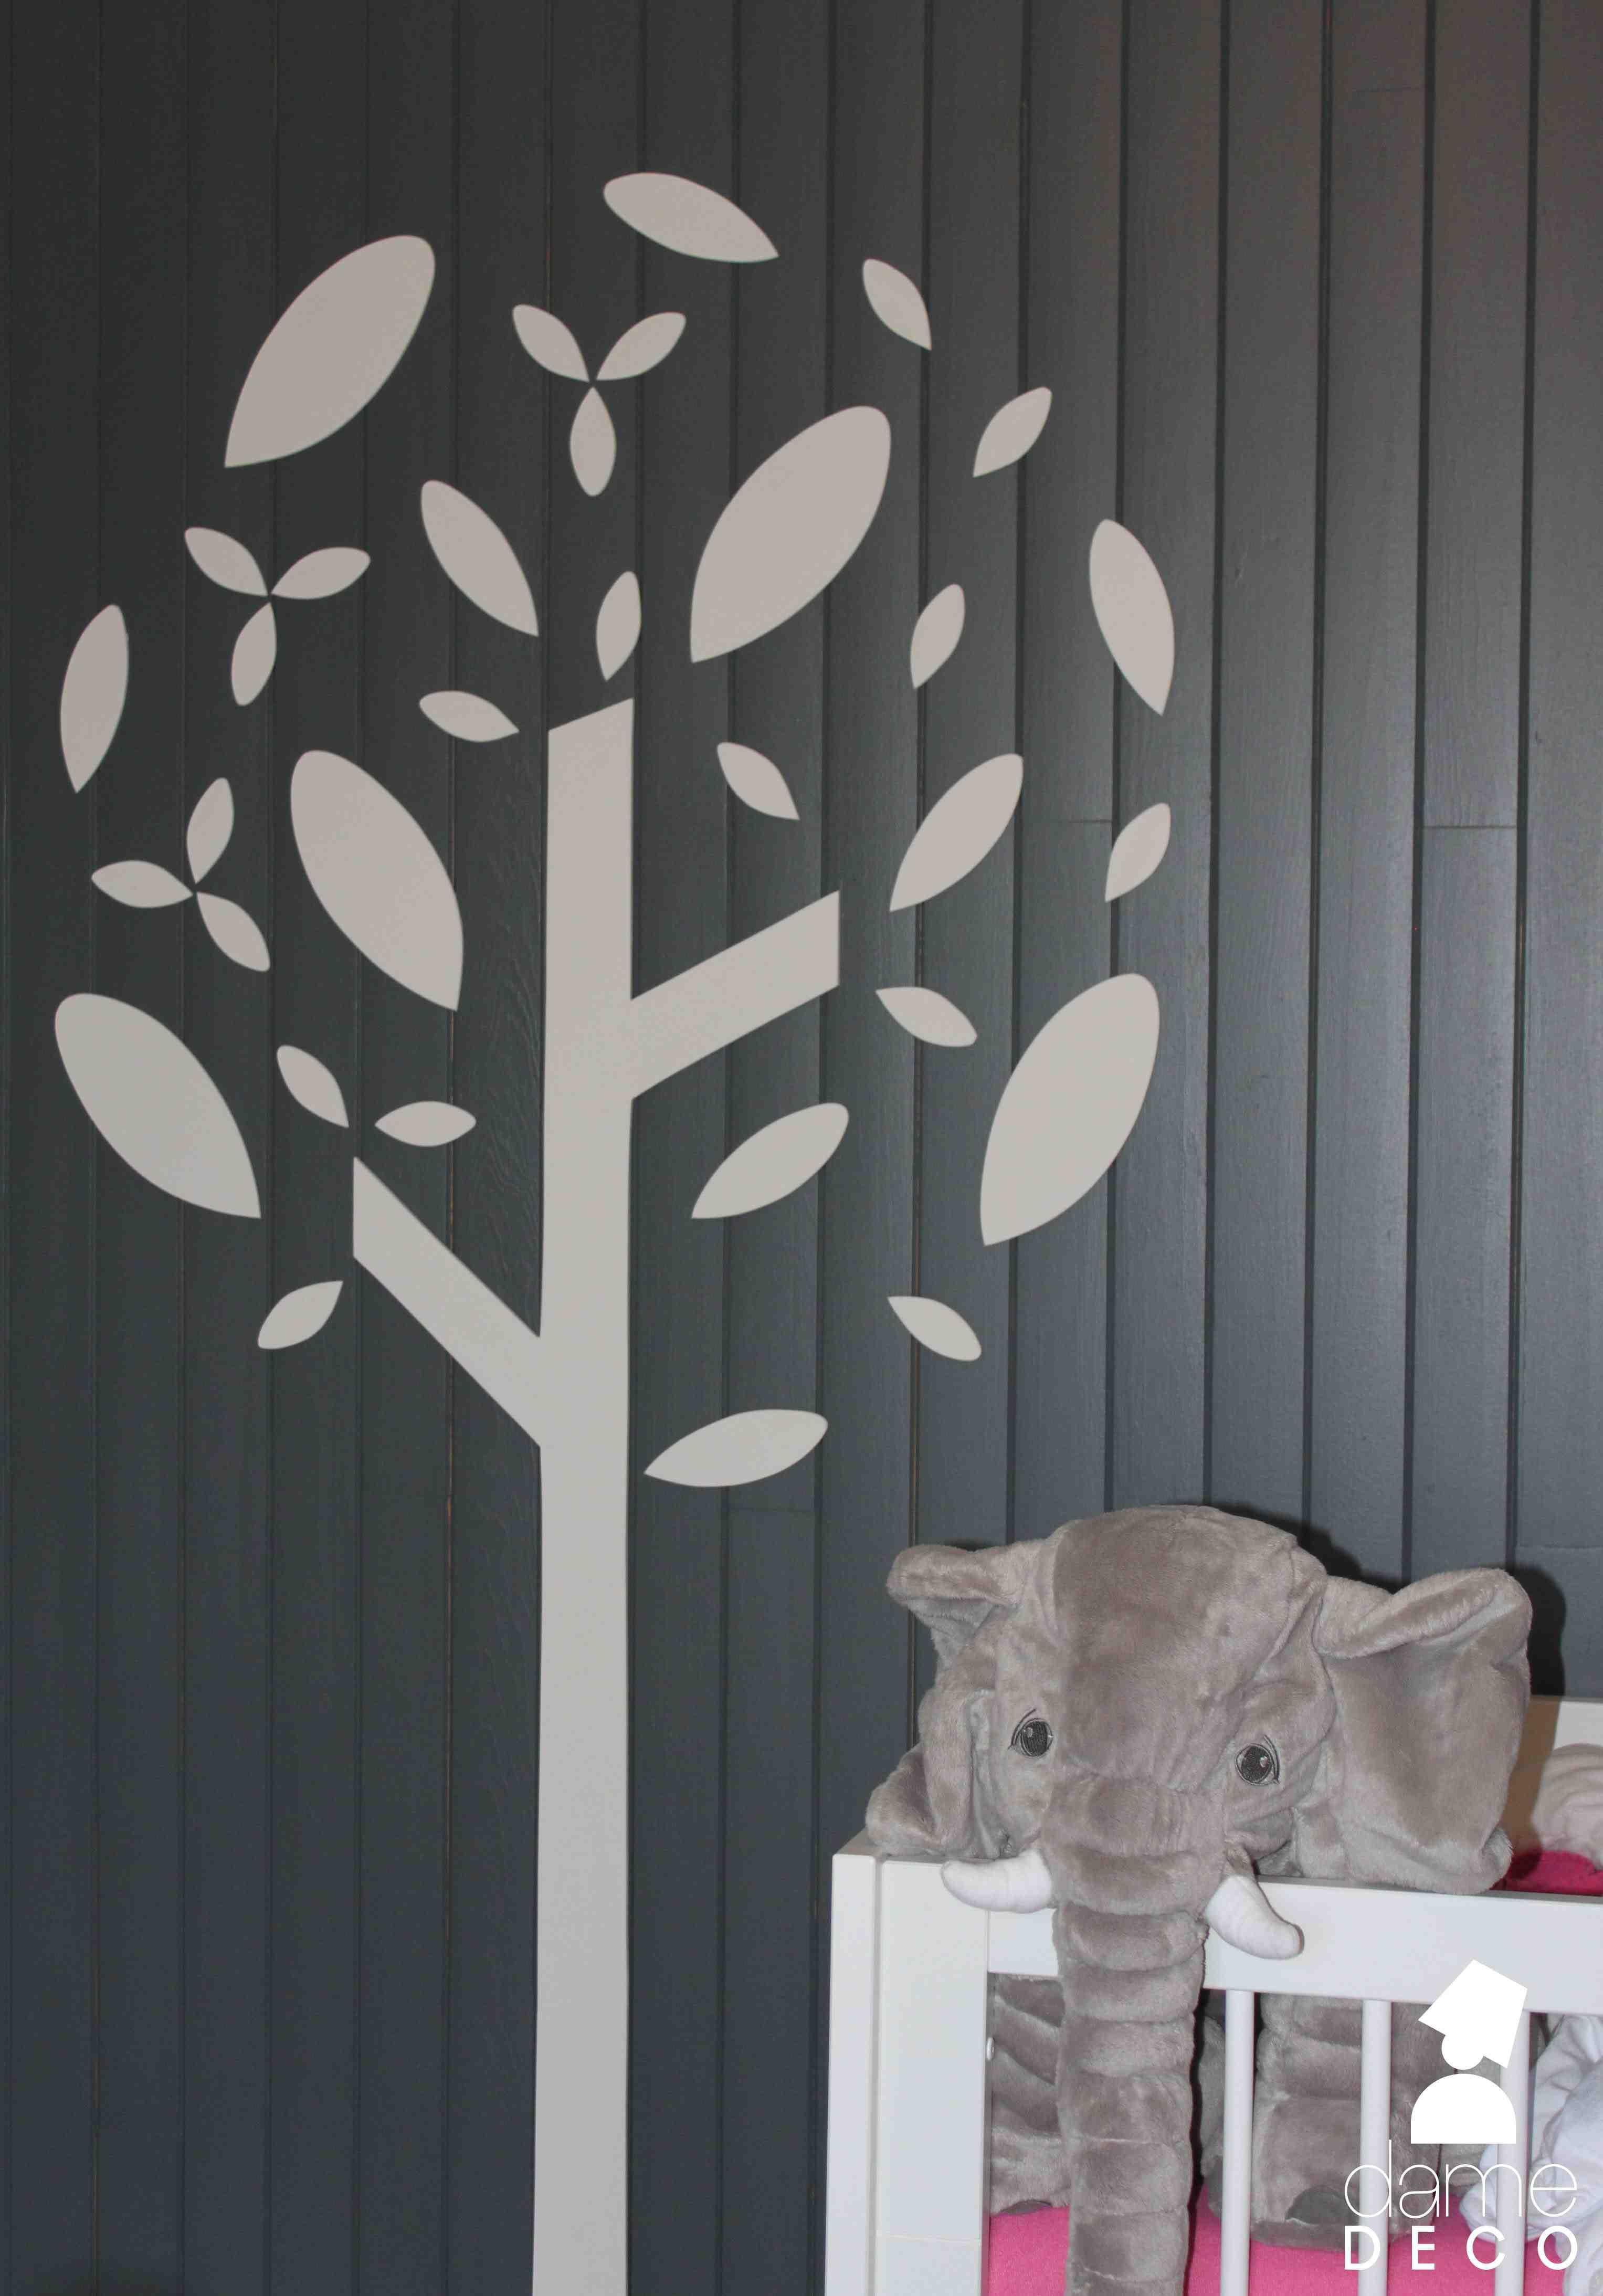 realisation d'une decoration murale en mdf